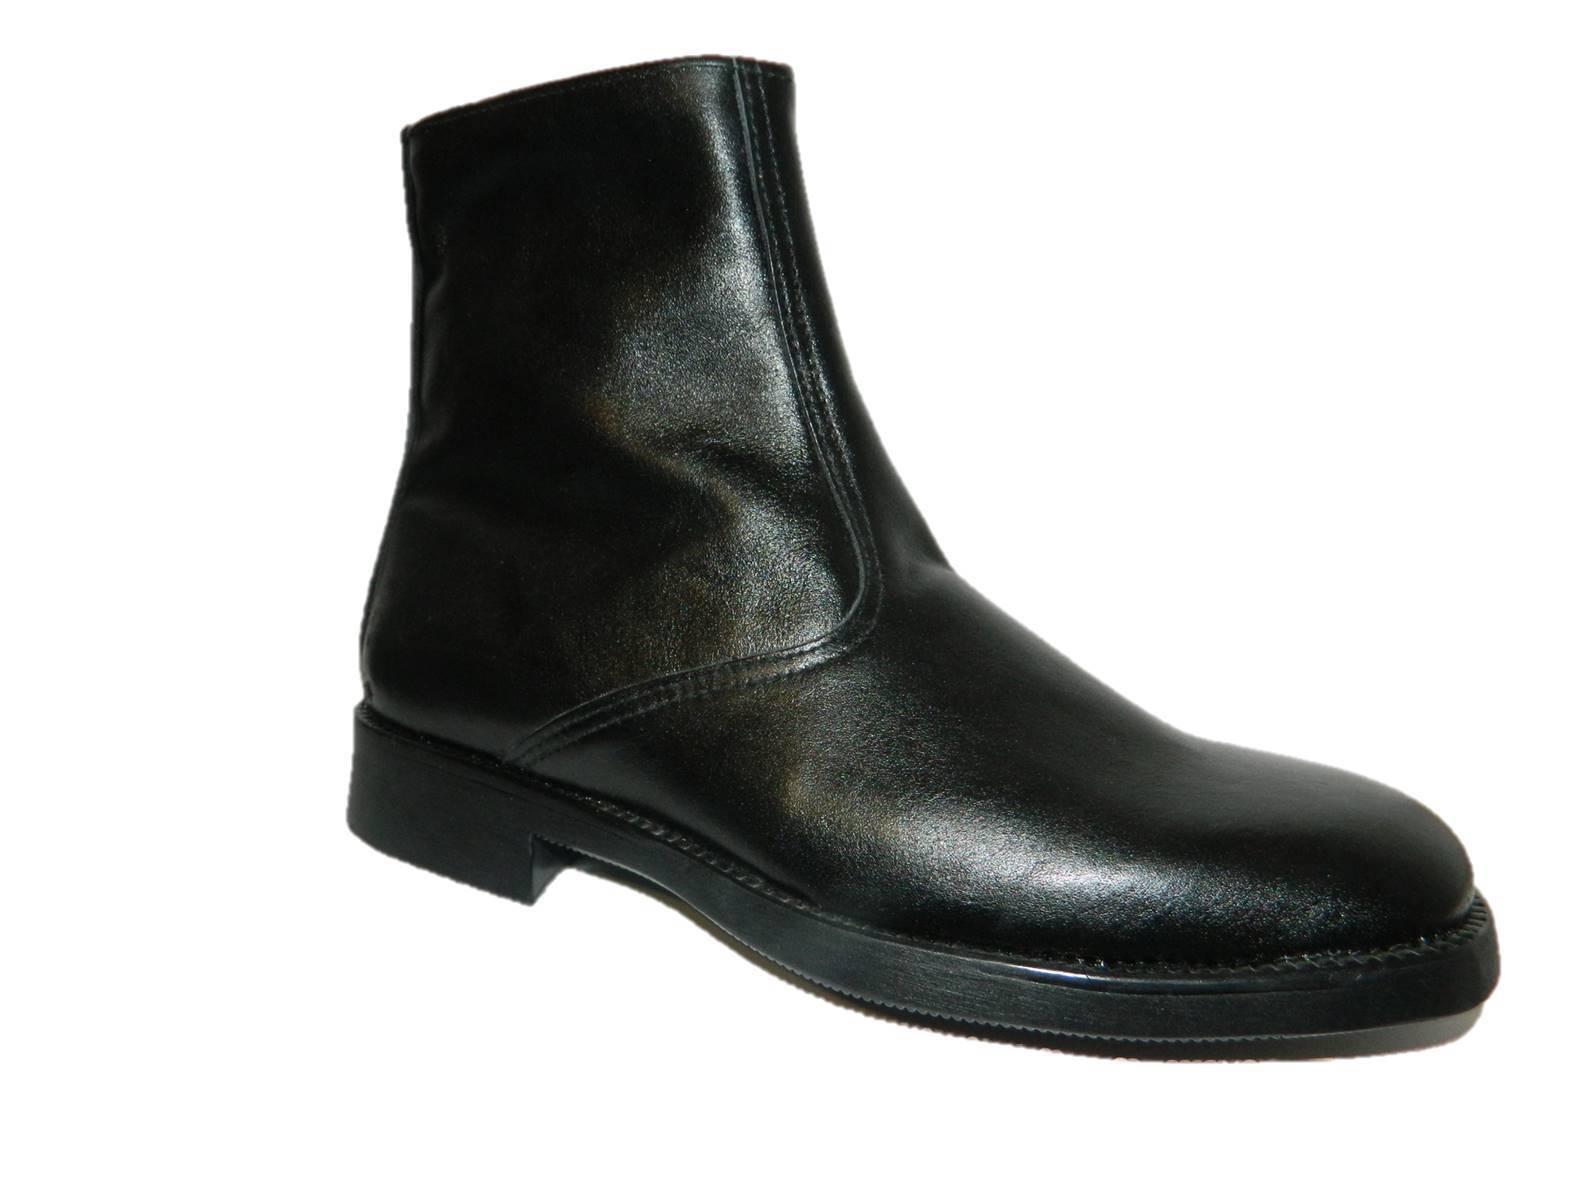 botas Hombre Clásicos Caliente Amortiguado Elegantes Cómodo de Piel en Negro